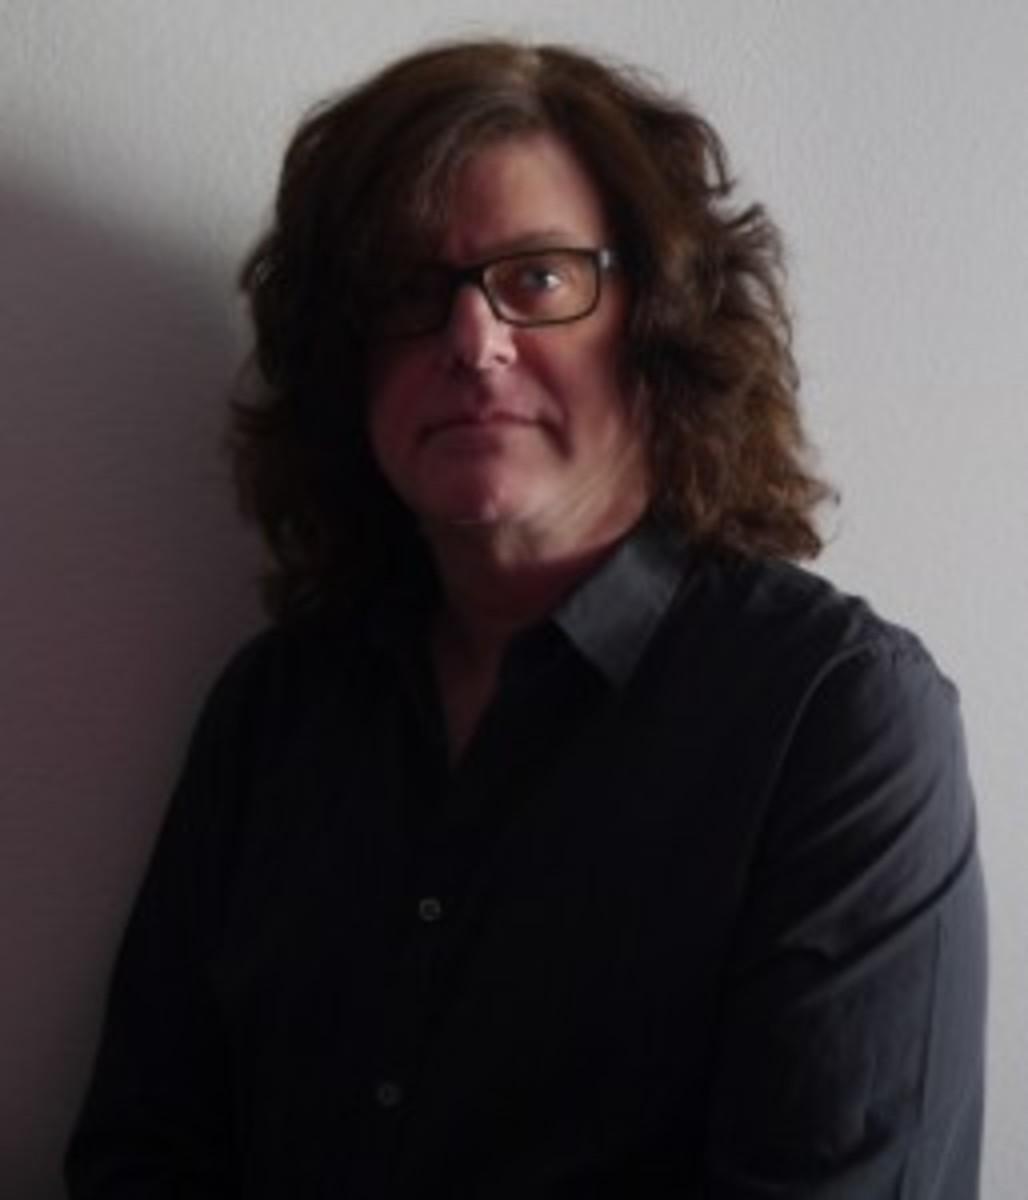 Stephen David Brooks